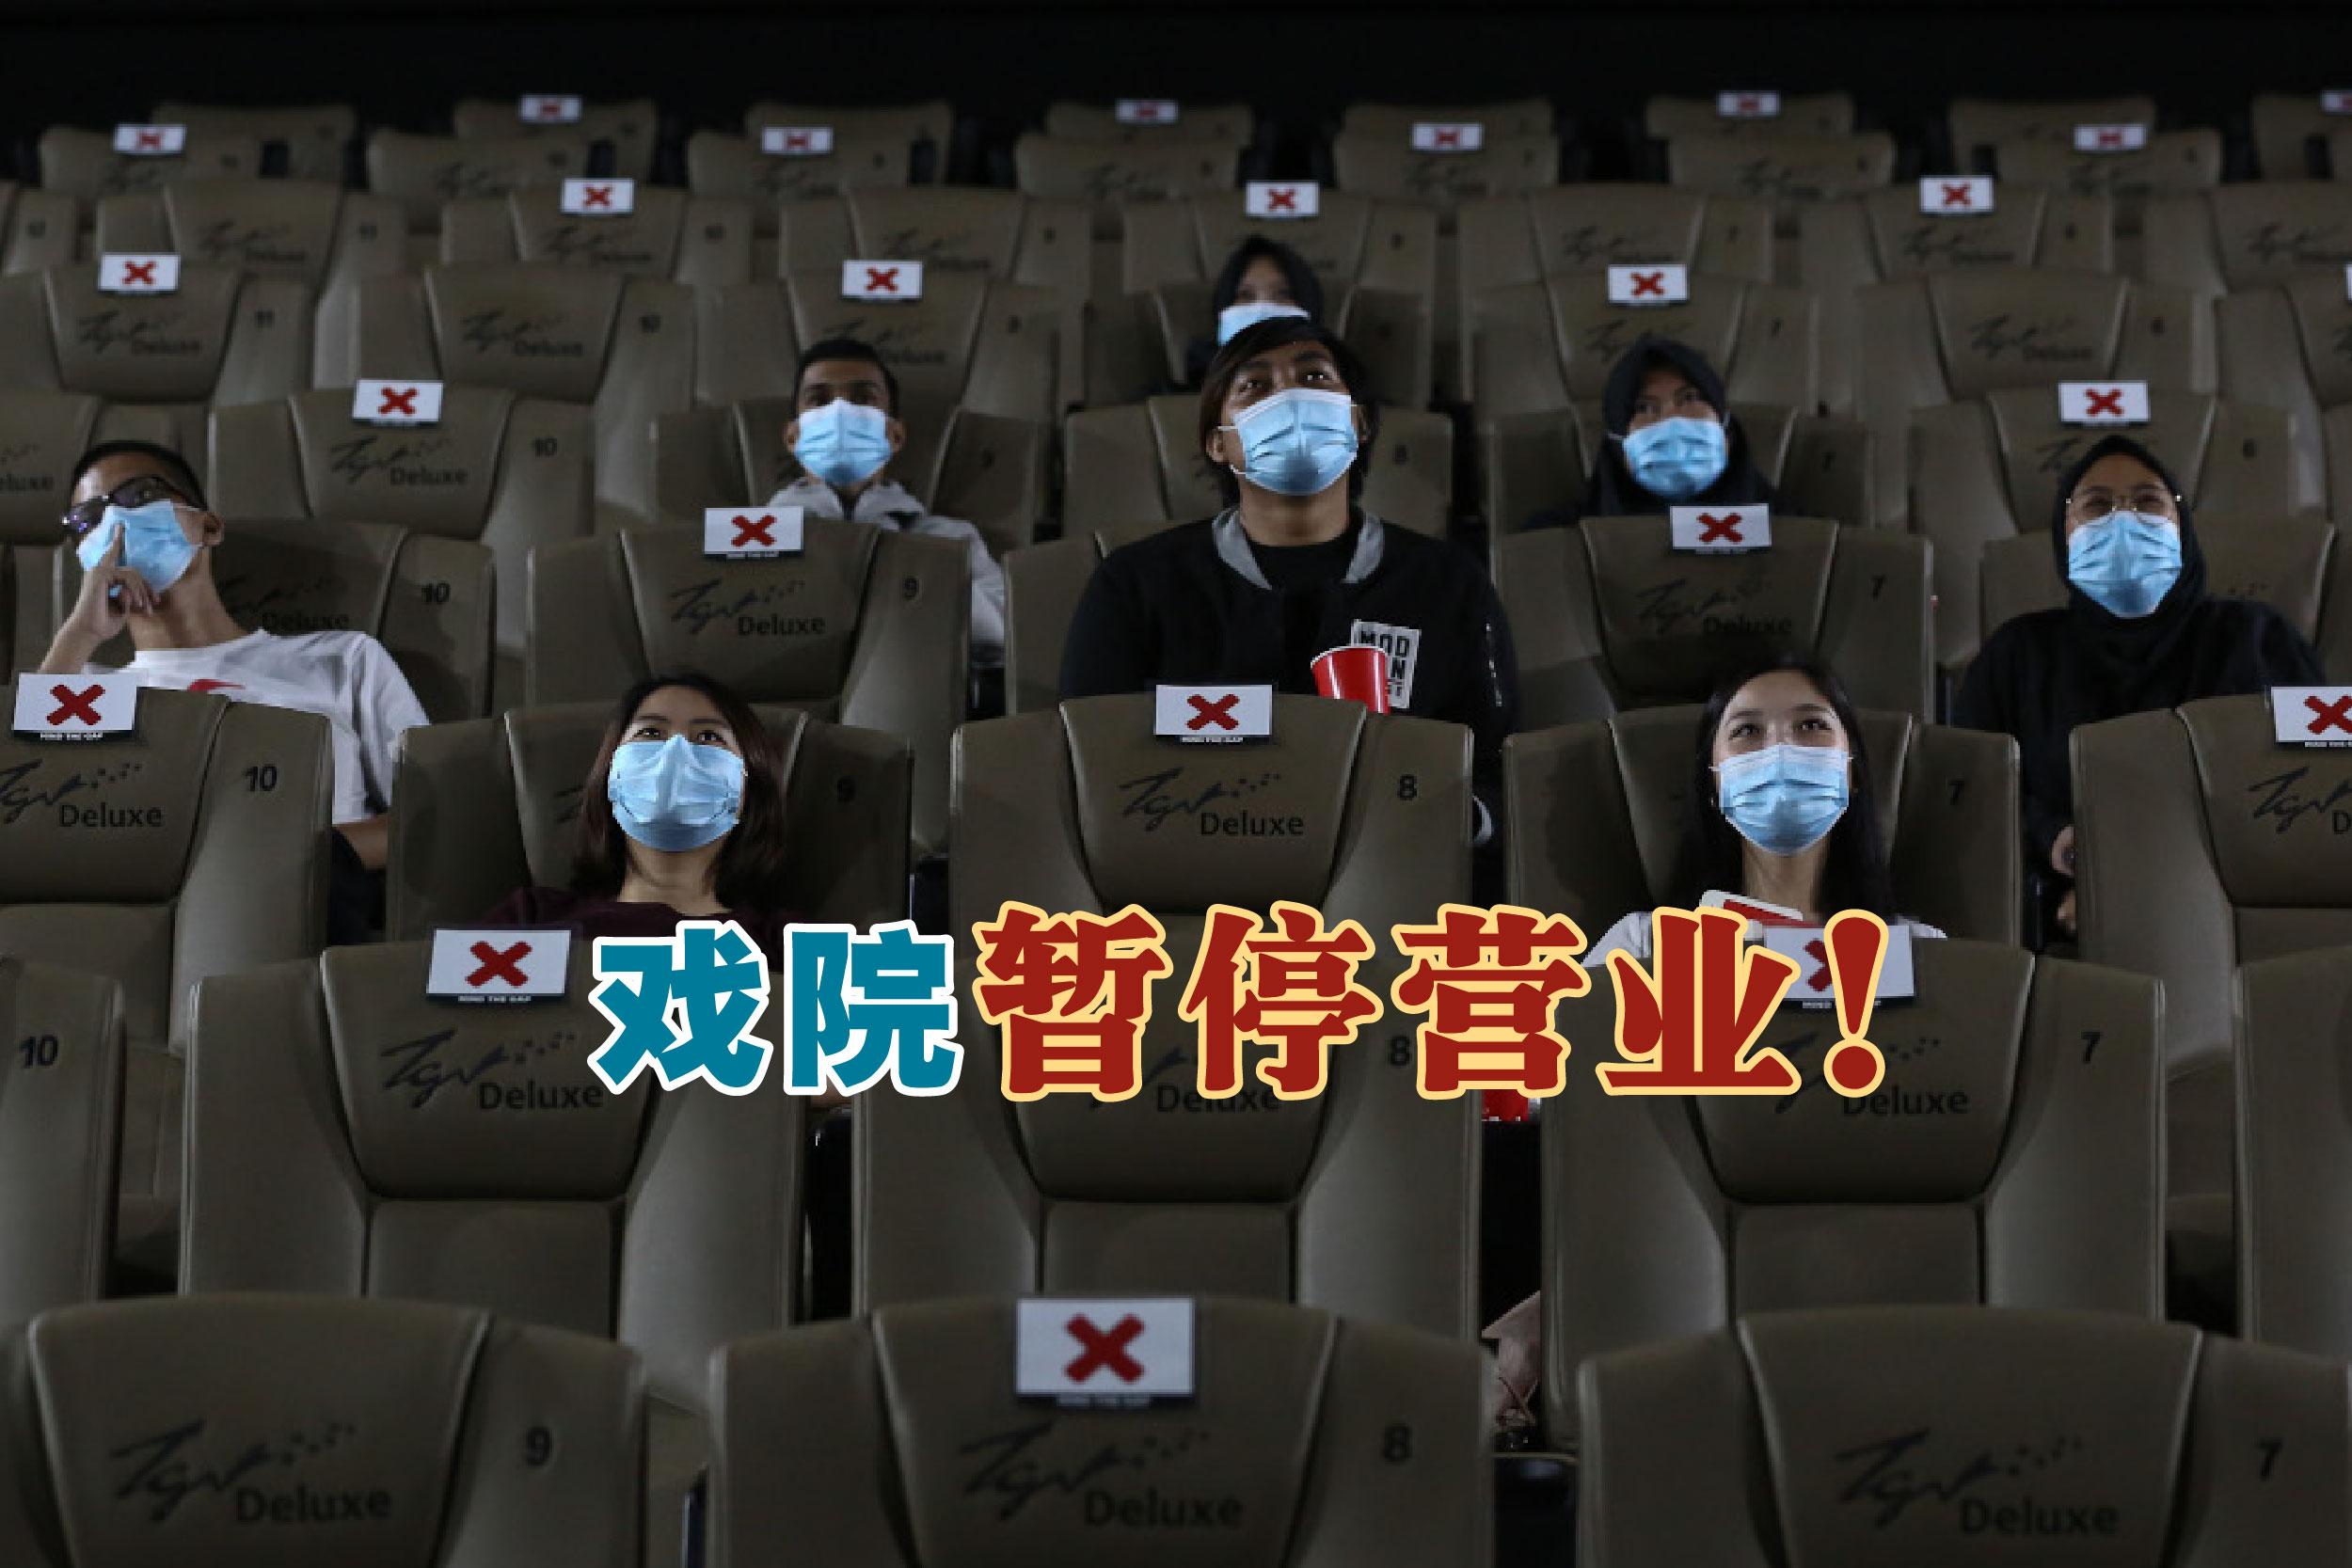 马来西亚电影商协会(MAFE)宣布,影院业者将集体暂停运营,并持续关注疫情。- Yusof Mat Isa摄,精彩大马制图-